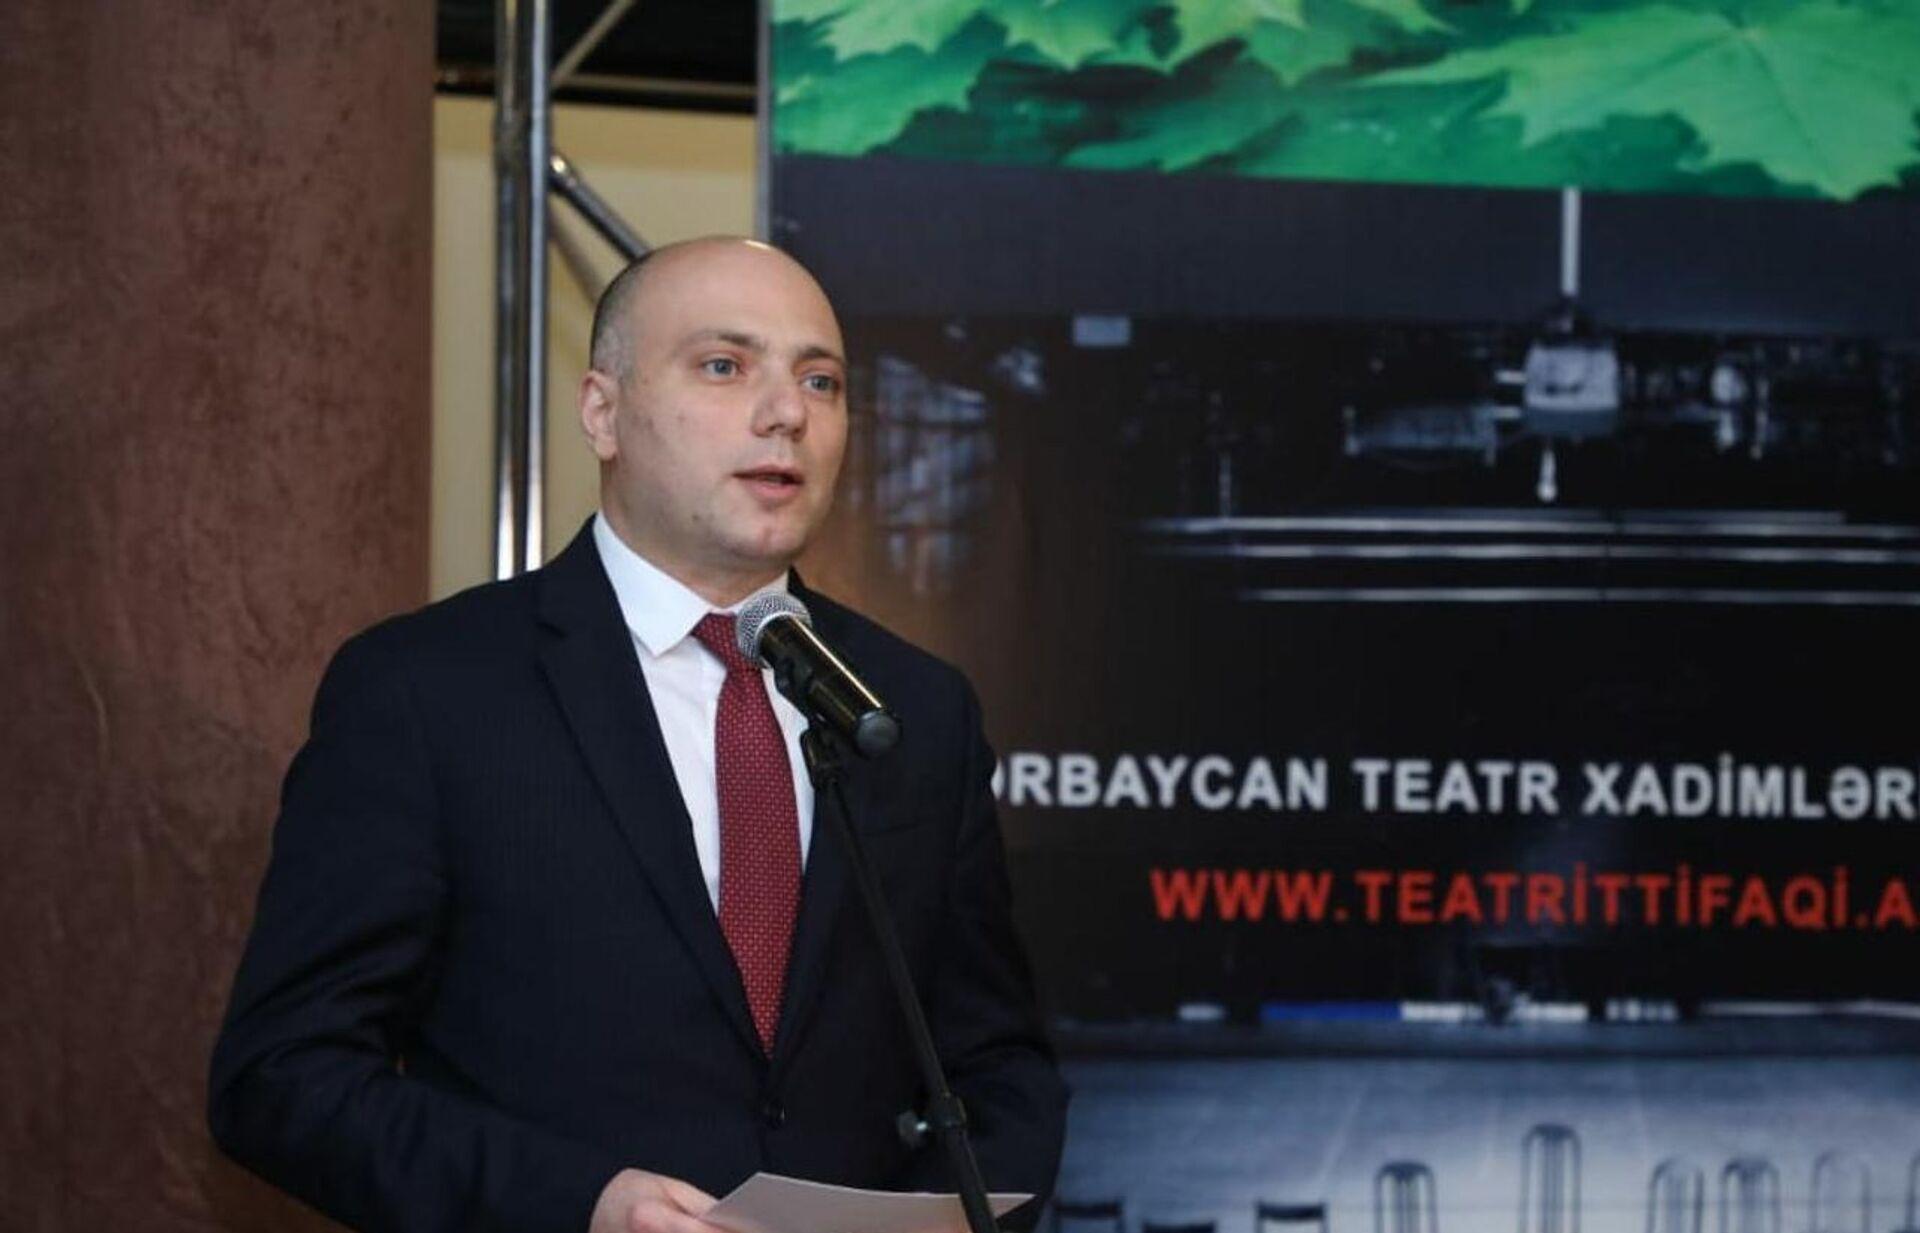 Год без сцены: азербайджанские актеры отметили профессиональный праздник с ноткой грусти - Sputnik Азербайджан, 1920, 10.03.2021